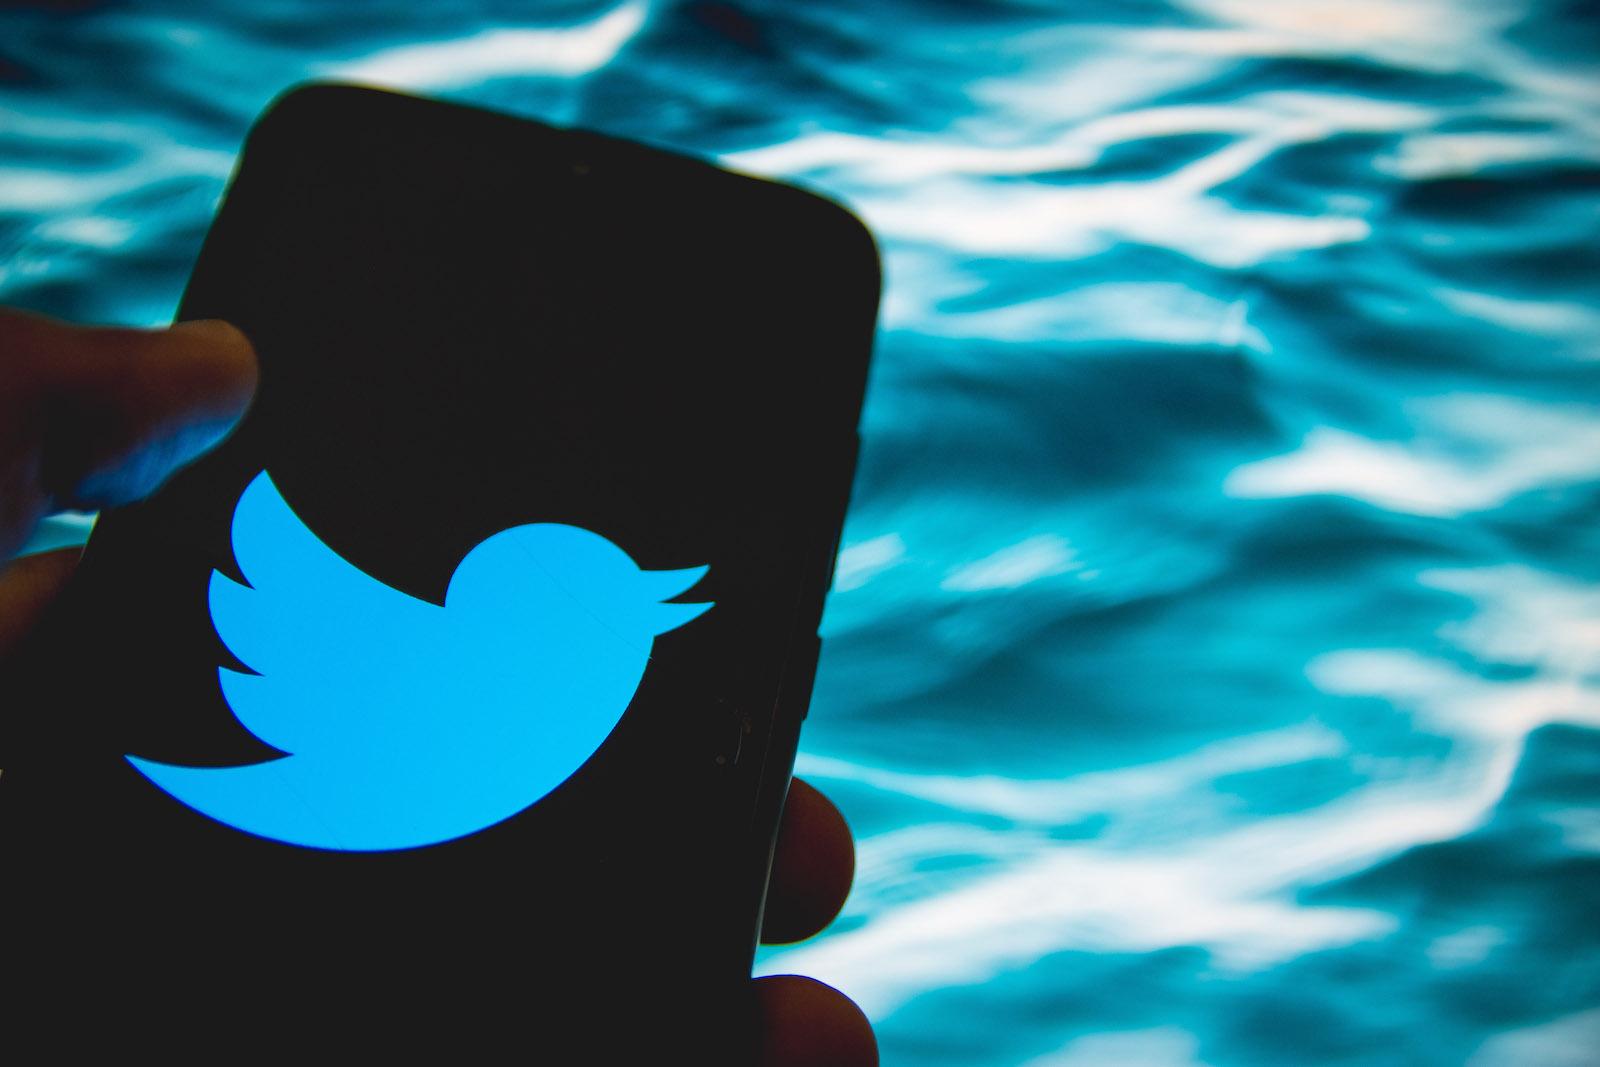 在此照片插圖中,Twitter徽標於2021年4月14日在希臘雅典的智能手機屏幕上顯示。(照片由Nikolas Kokovlis / NurPhoto via Getty Images提供)